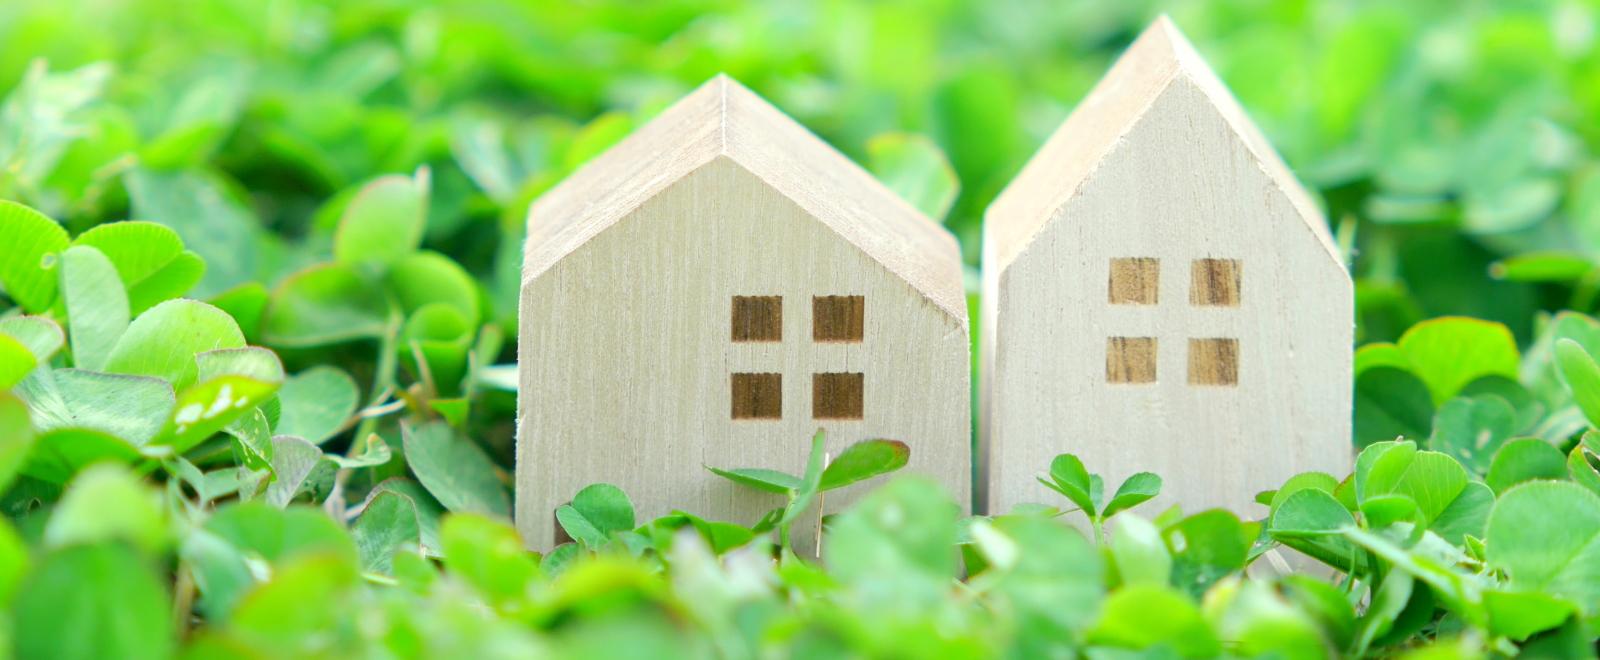 四つ葉工房(株式会社悠木社)では、ご家族の皆さまと一緒に考え、楽しみながら家づくりを行っています。